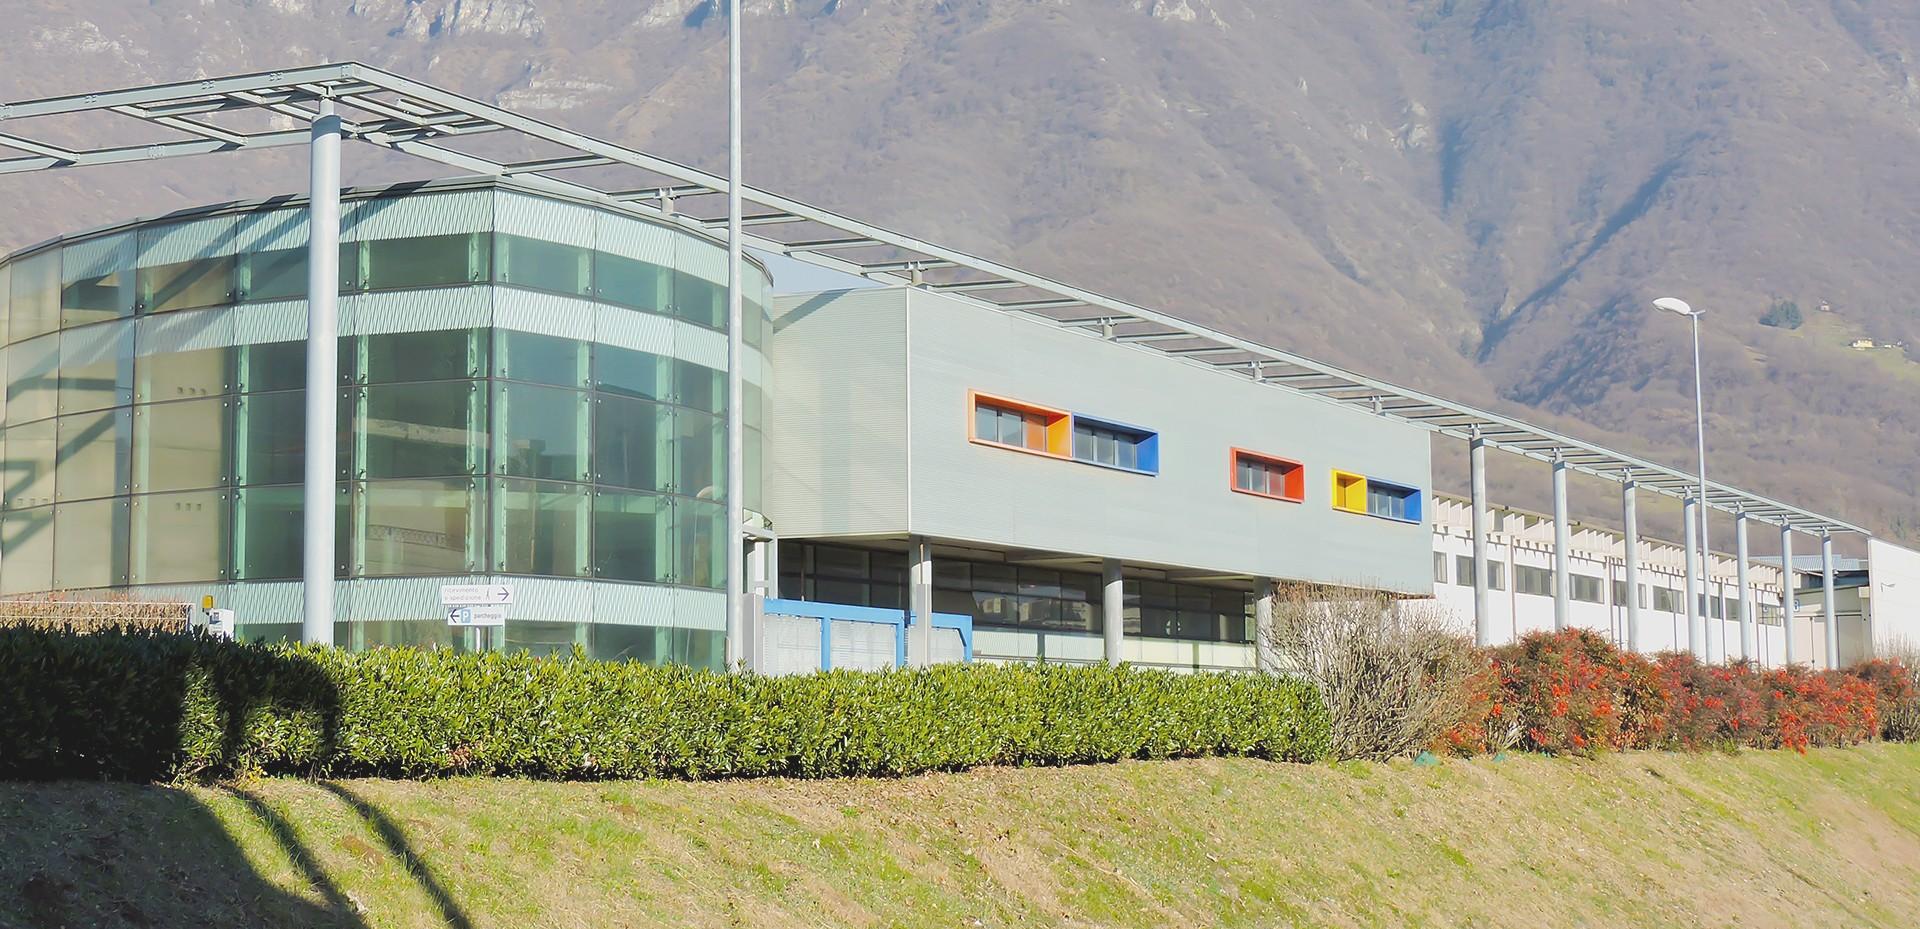 Uffici LampaPlastic Lavorazione Materie Plastiche